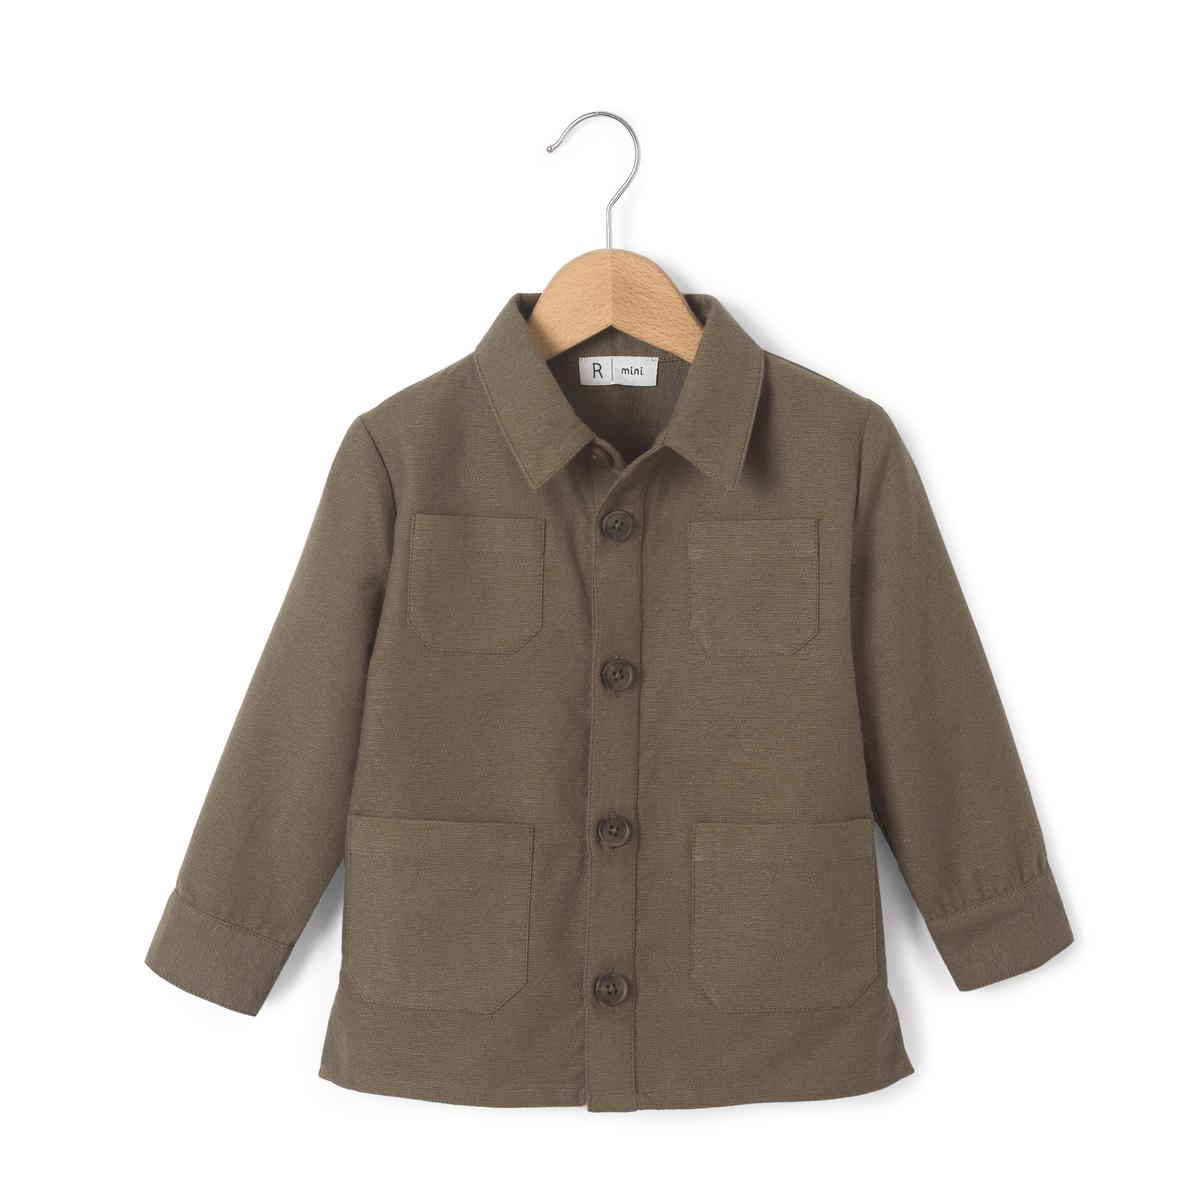 Рубашка 1 мес - 3 летРубашка в стиле жакета сафари. 4 накладных кармана спереди. Застежка на пуговицы. Рубашечный воротник. Отрезные детали сзади.Состав и описаниеМатериал:          100% хлопокМарка:          R miniУходМашинная стирка при 30 °С с вещами схожих цветовСтирать и гладить с изнаночной стороныМашинная сушка запрещенаГладить на низкой температуре<br><br>Цвет: хаки<br>Размер: 9 мес. - 71 см.6 мес. - 67 см.3 мес. - 60 см.1 мес. - 54 см.1 год - 74 см.3 года - 94 см